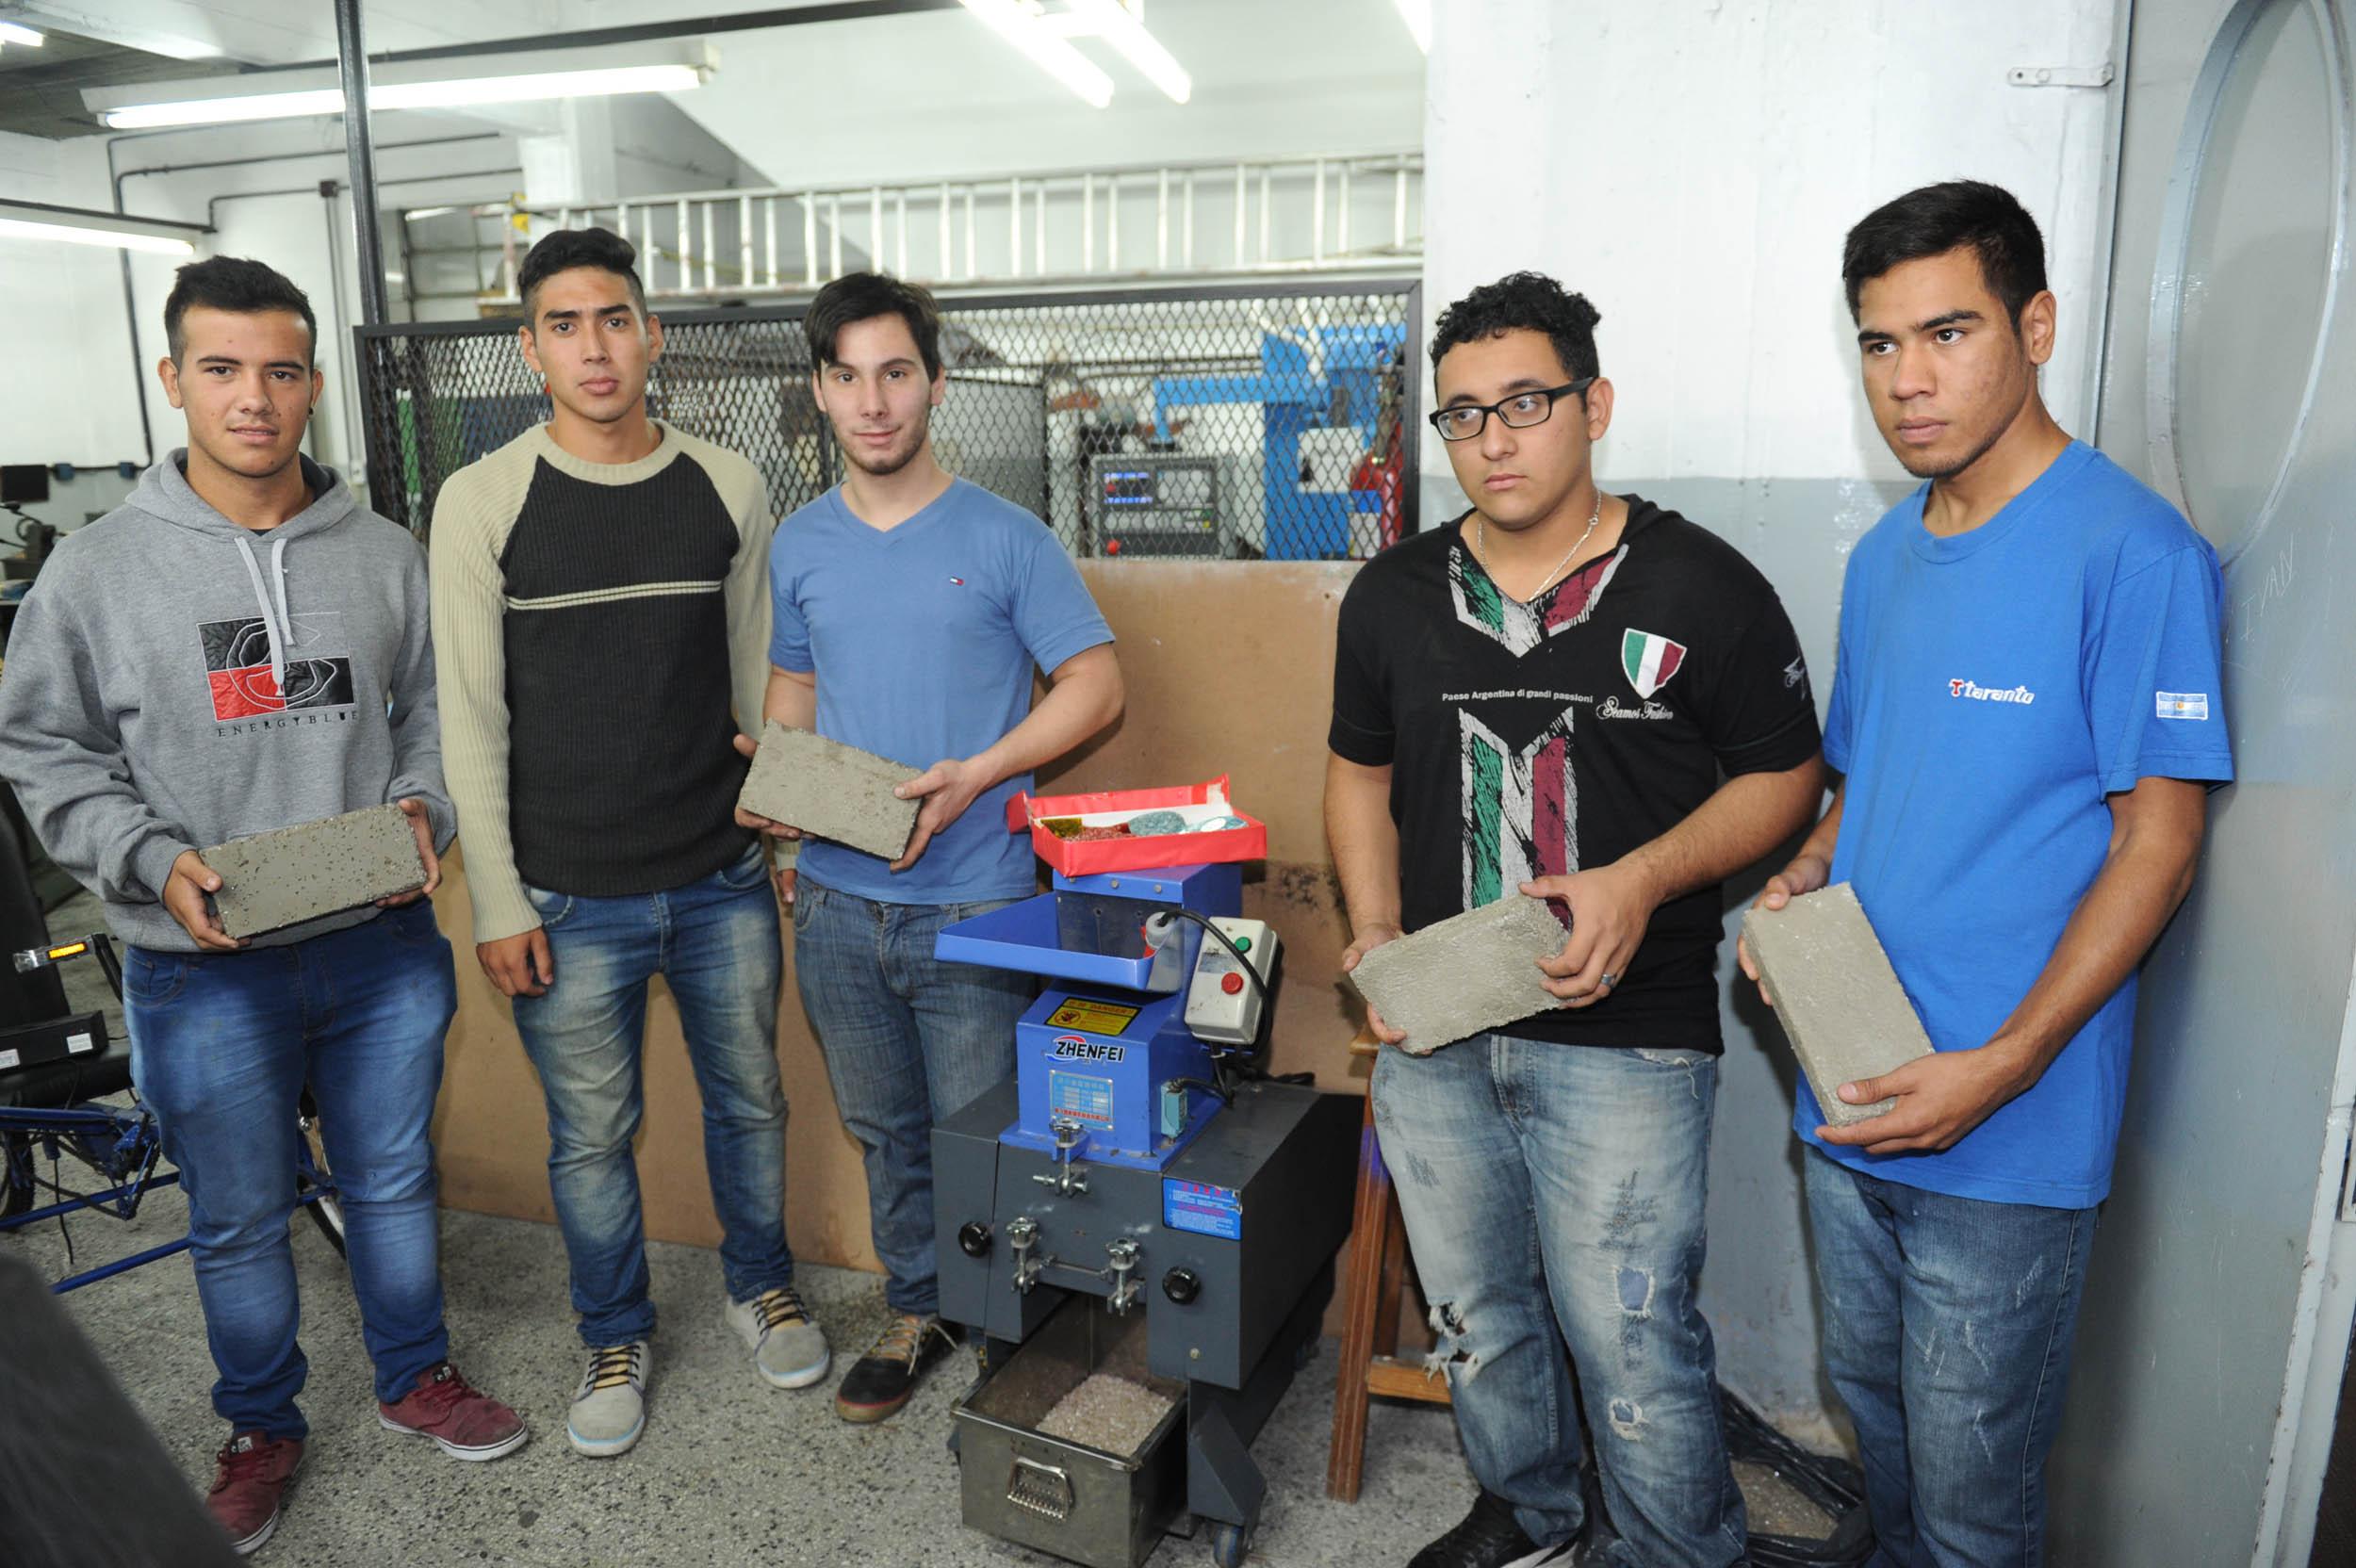 Noticias_chivilcoy_ educ14-04-2016 - Alumnos de 7 Año Tecnica 6 de Avellaneda fabricaron ladrillos ecológicos